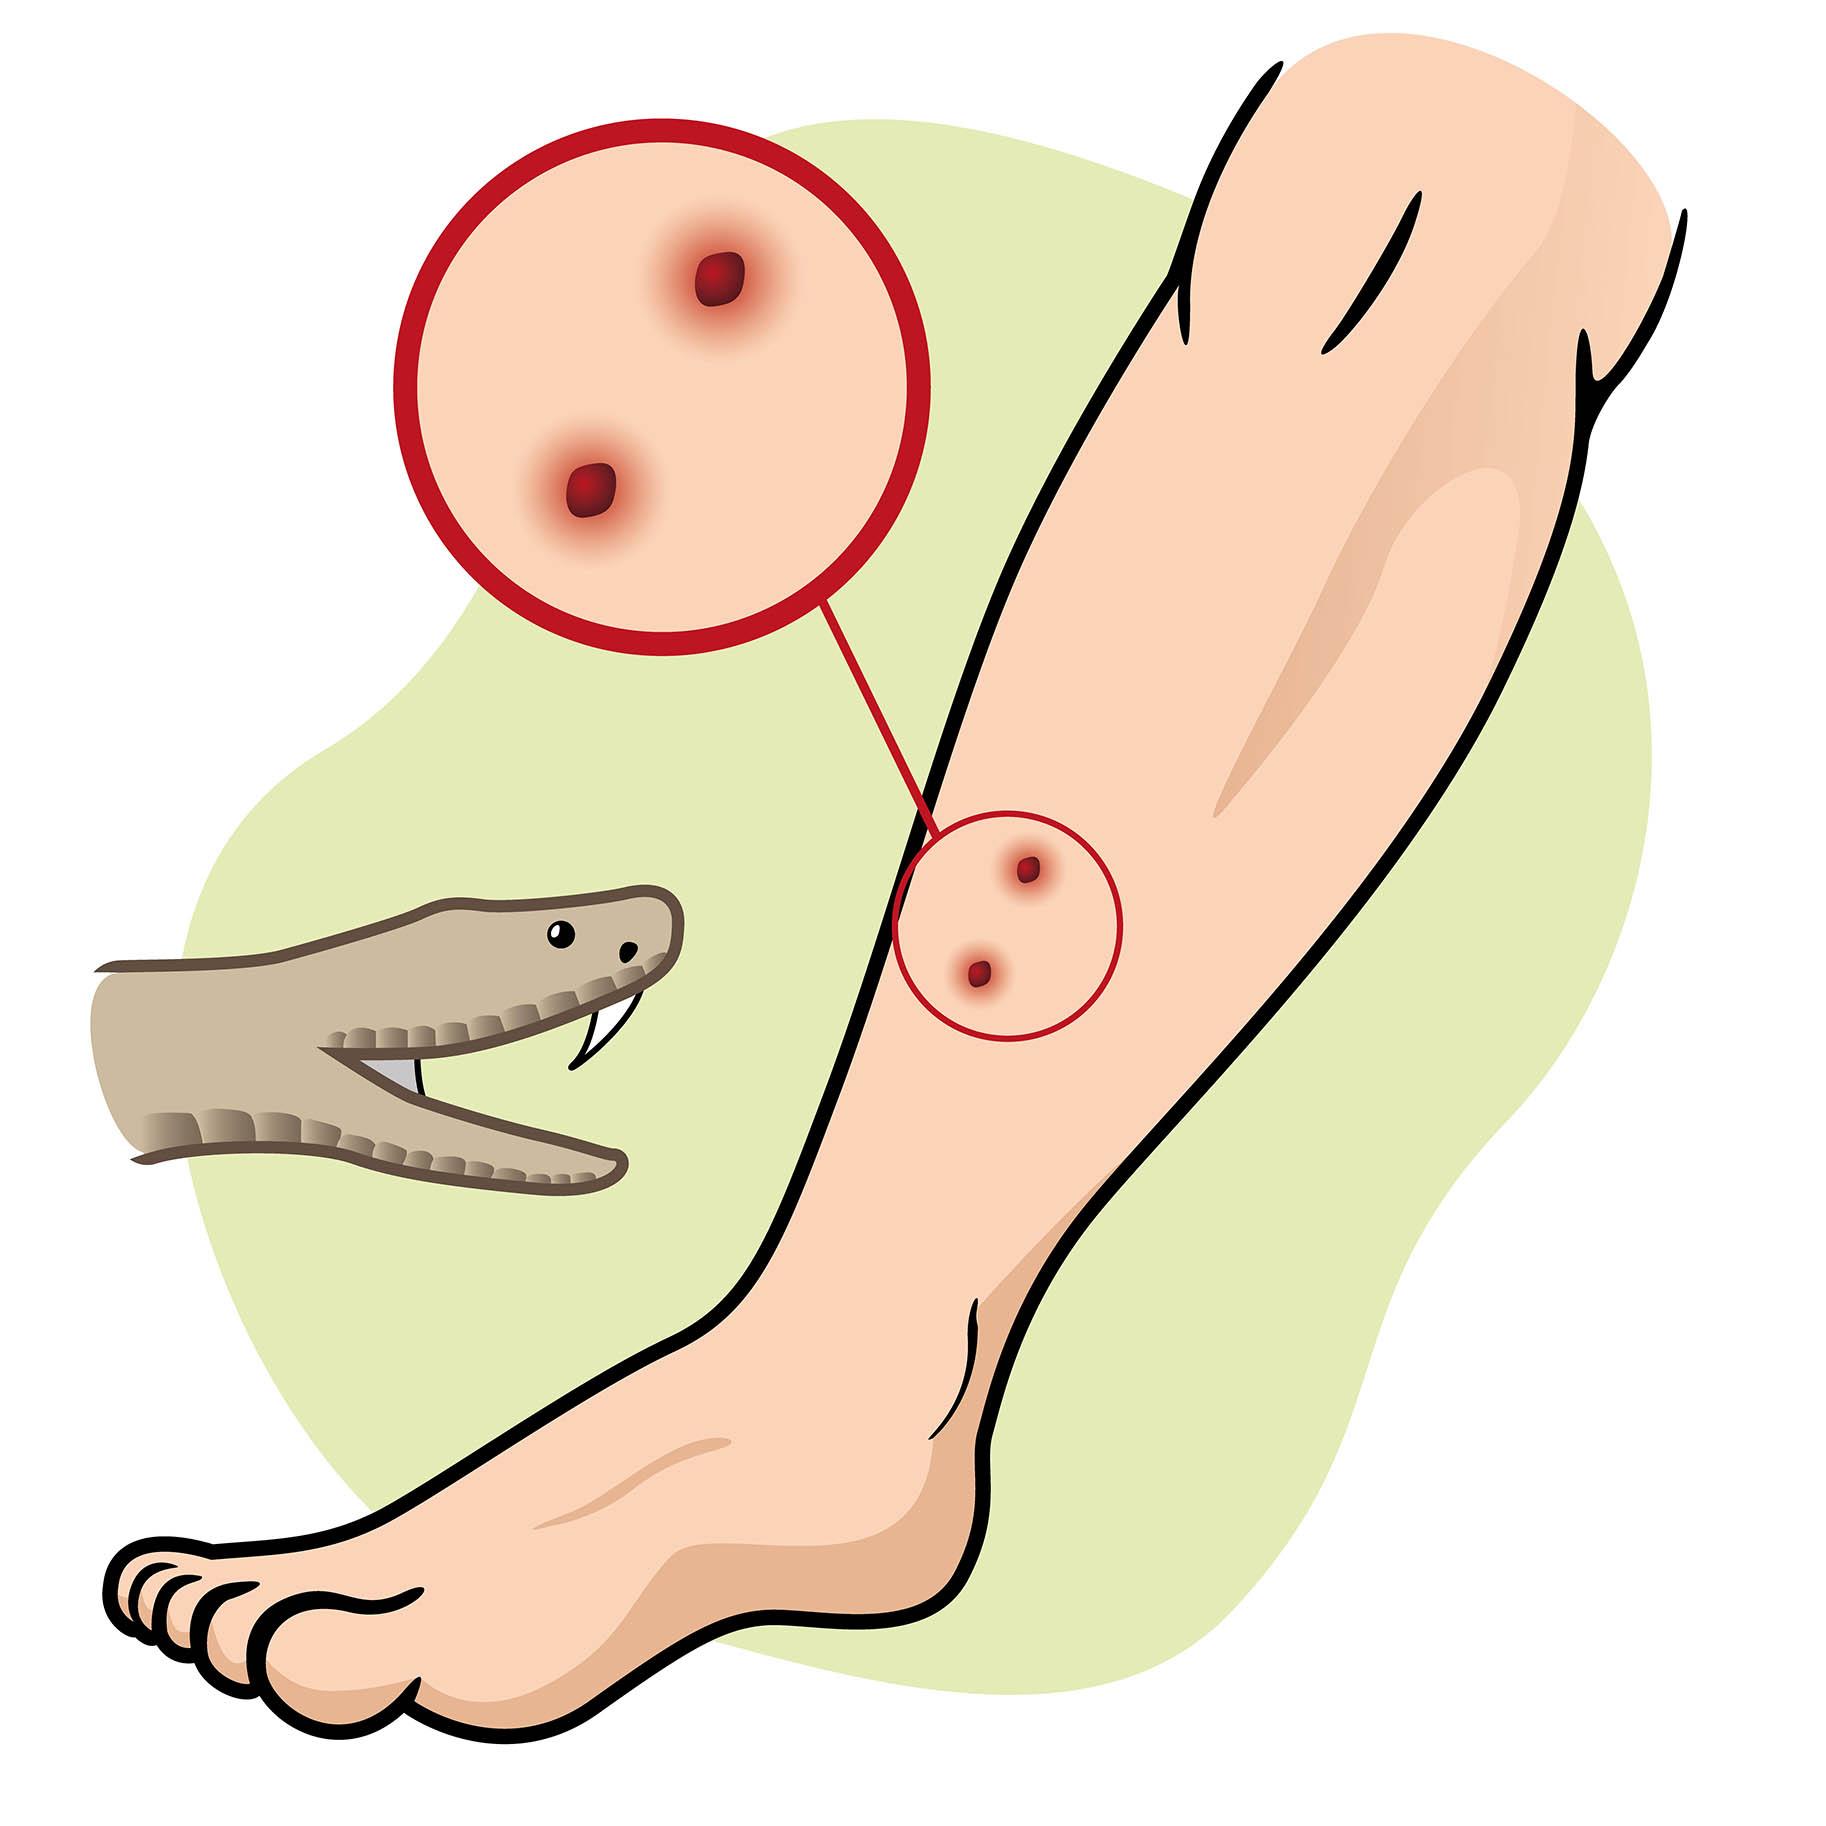 immagine che mostra le caratteristiche del morso della vipera su una gamba